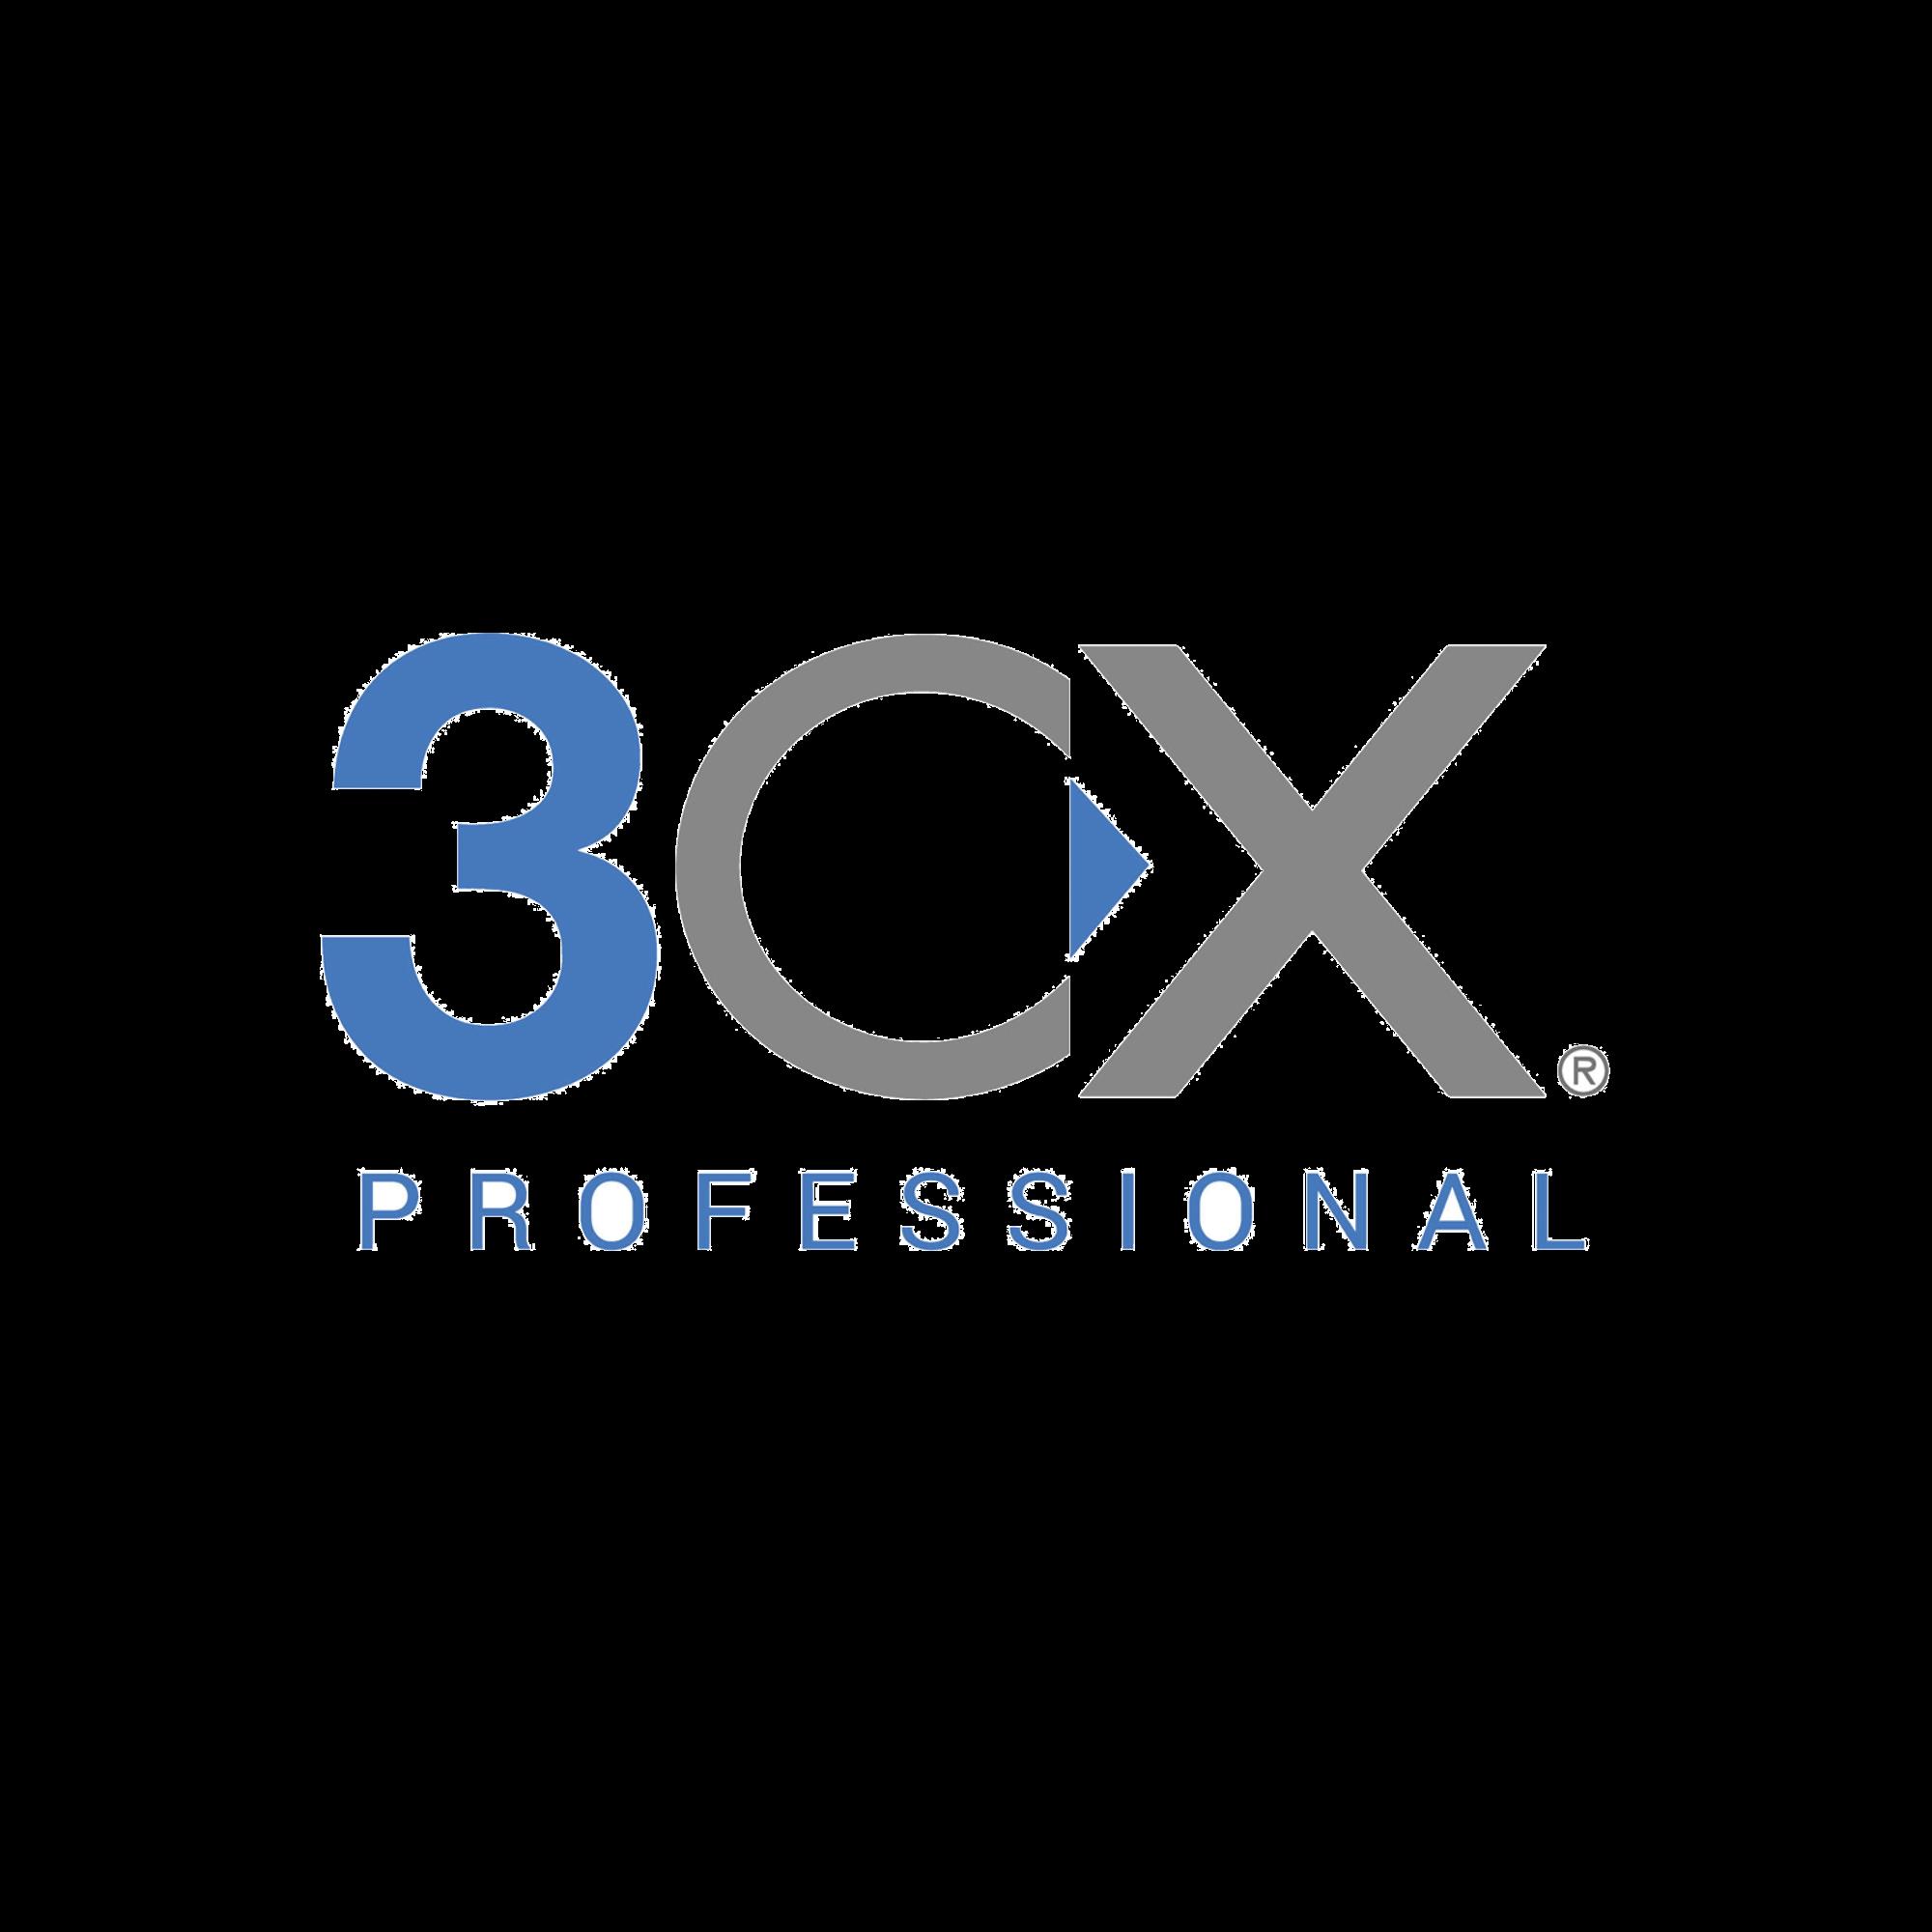 Licencia anual de 3CX Professional para 8 llamadas simultáneas y extensiones ilimitadas